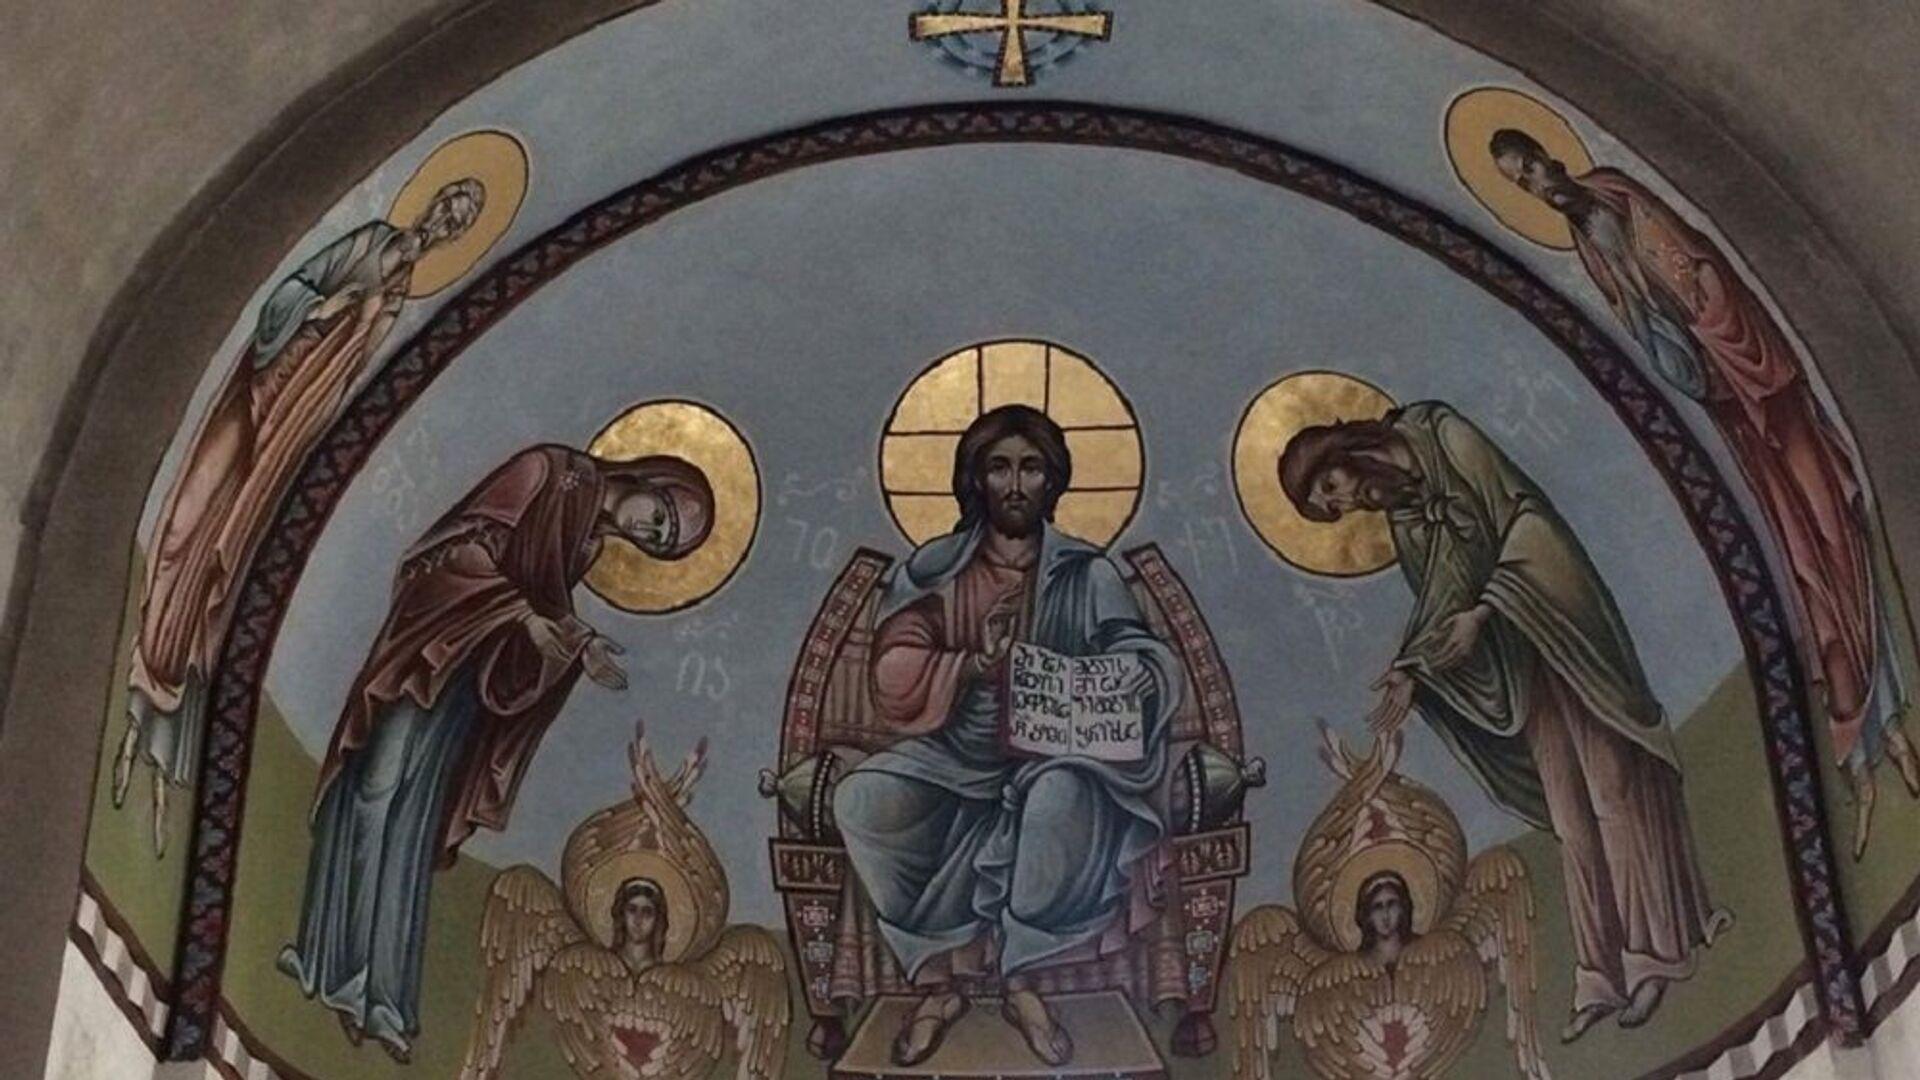 გიორგი გამთენაძის და გიორგი ყვავაძის მიერ მოხატული ტყიბულის წმინდა გიორგის სახელობის ეკლესია - Sputnik საქართველო, 1920, 31.07.2021